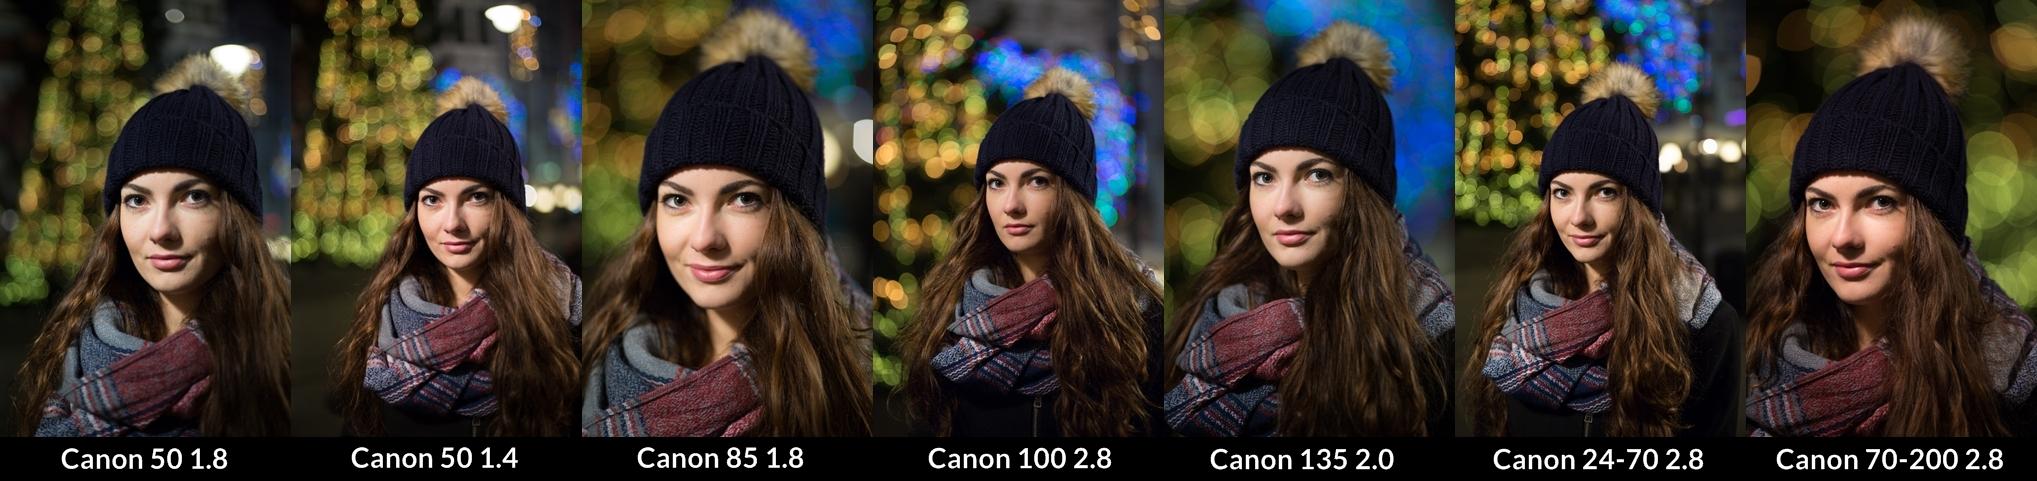 Portrety obiektyw Canon test